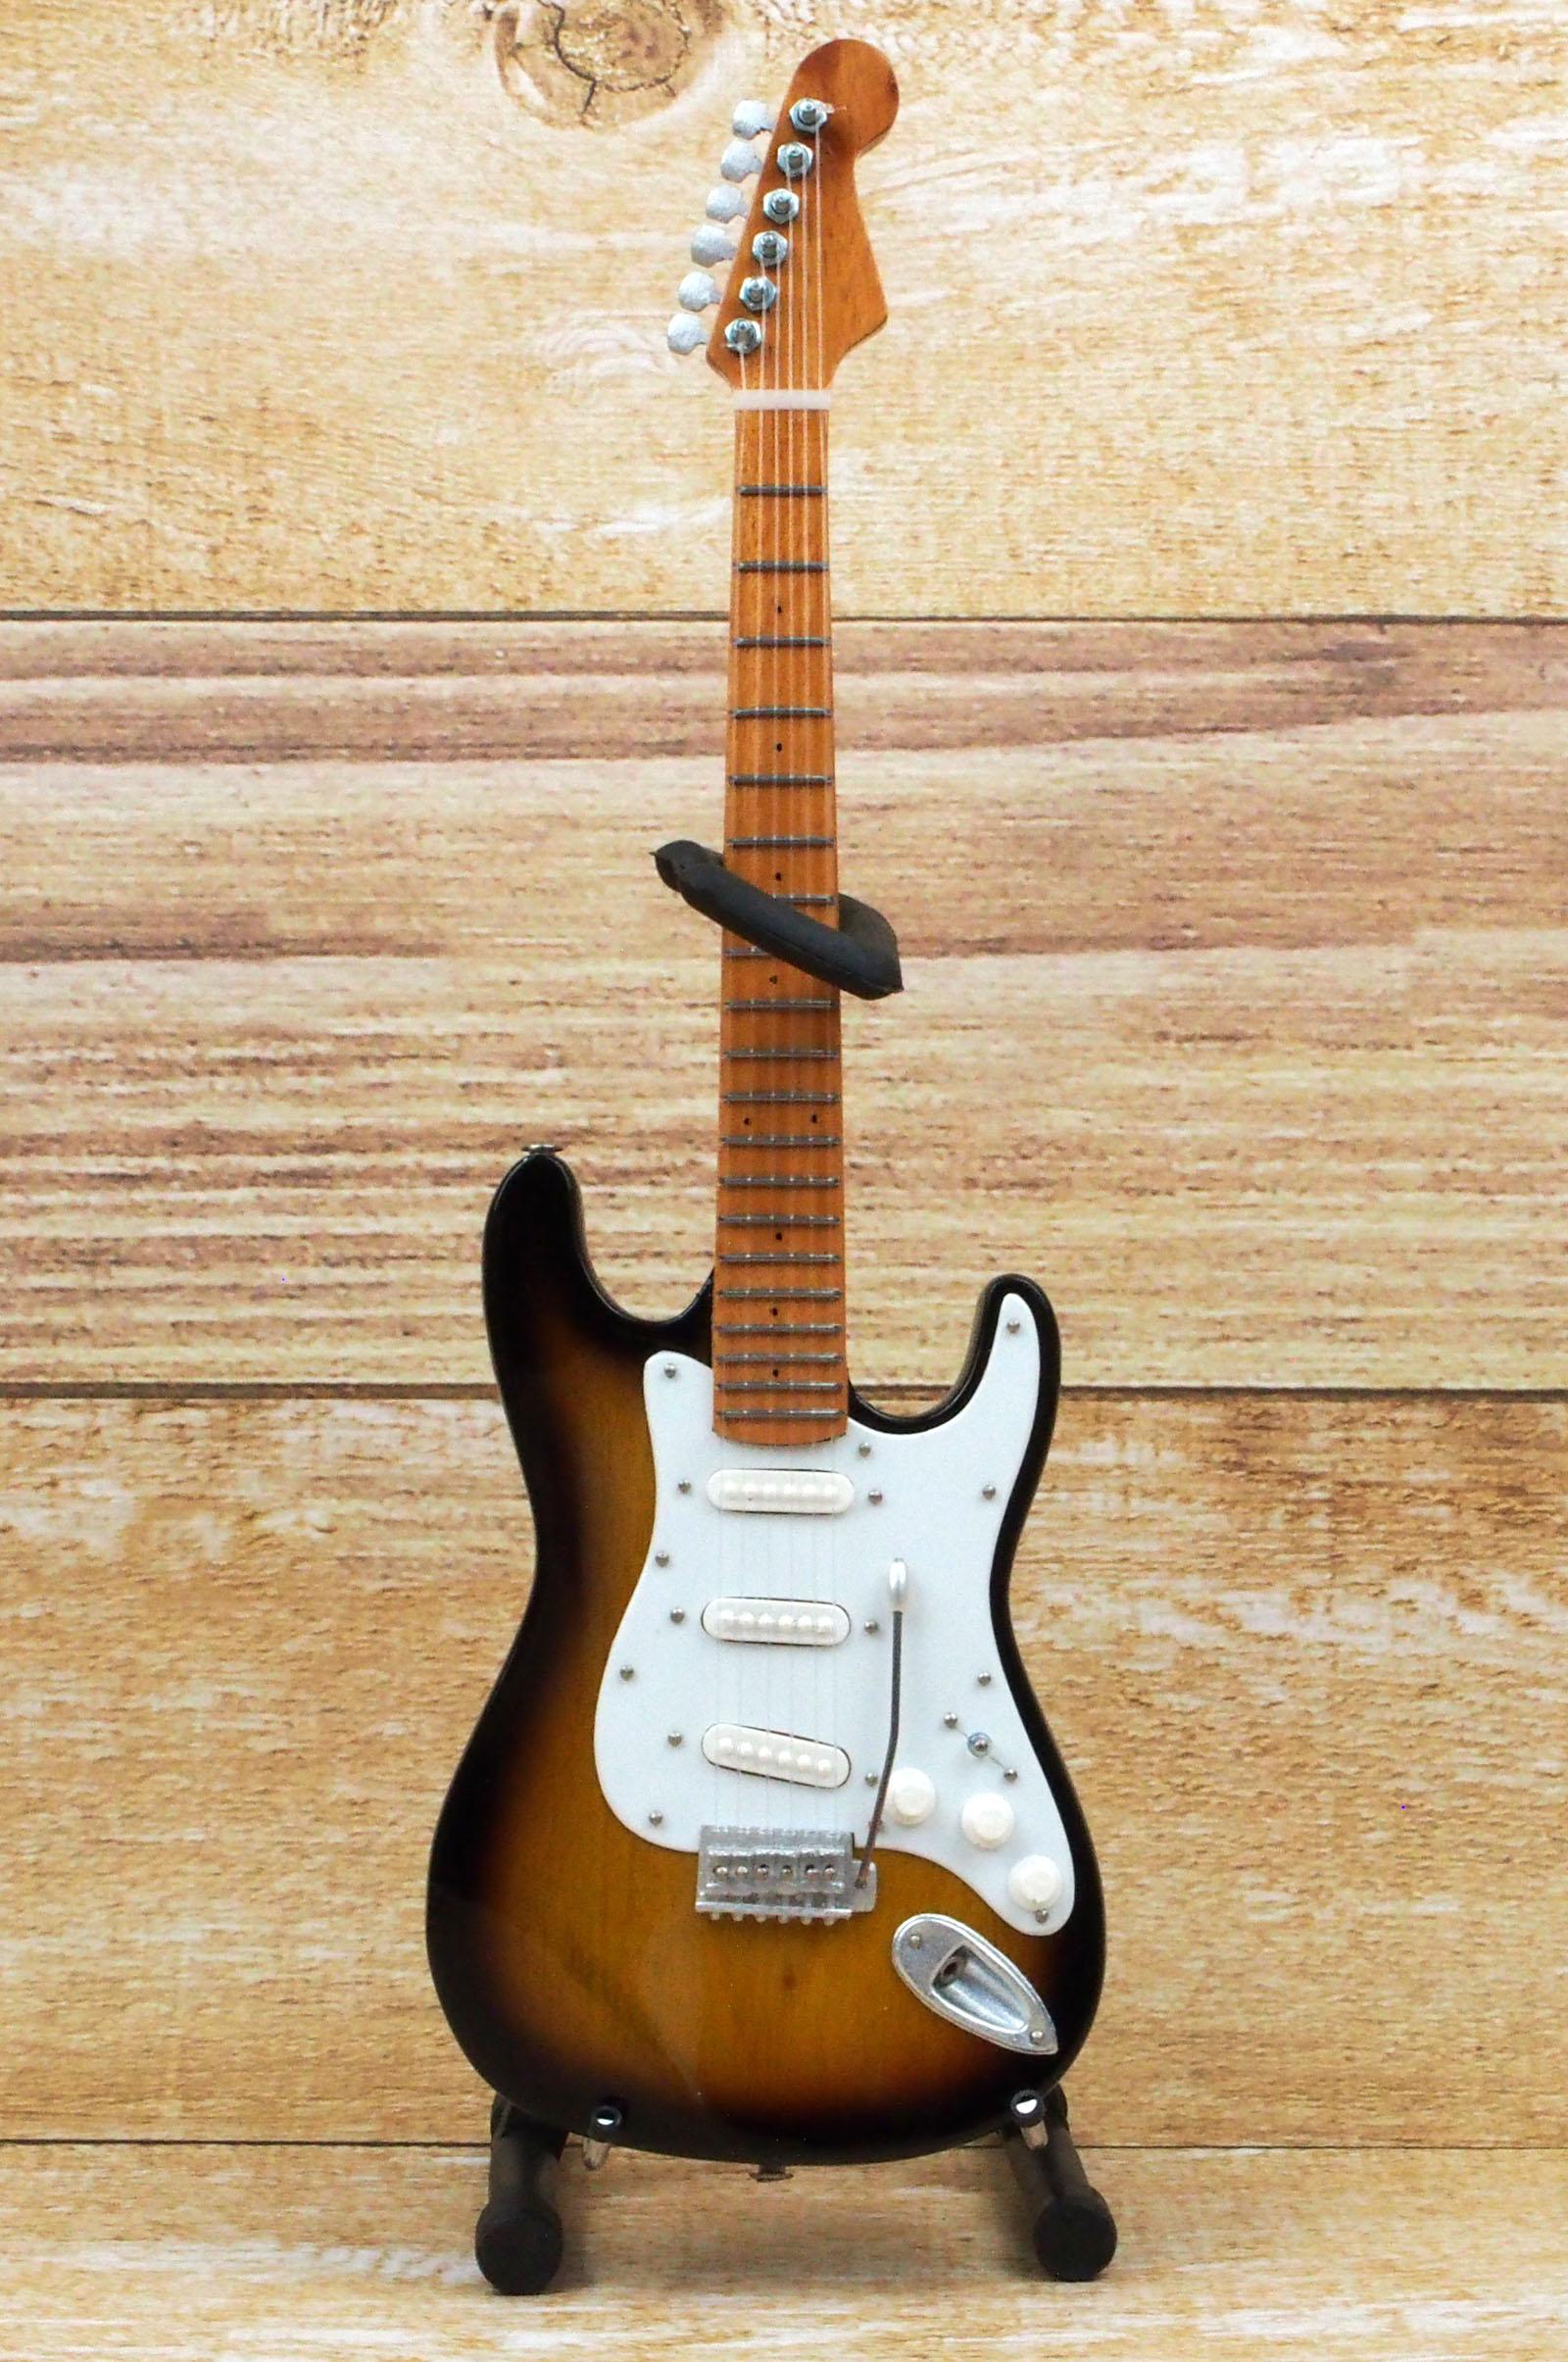 Musical Story ミニチュア ギター60th Anniversary American Vintage 1954 ストラトキャスター スタイル 画像